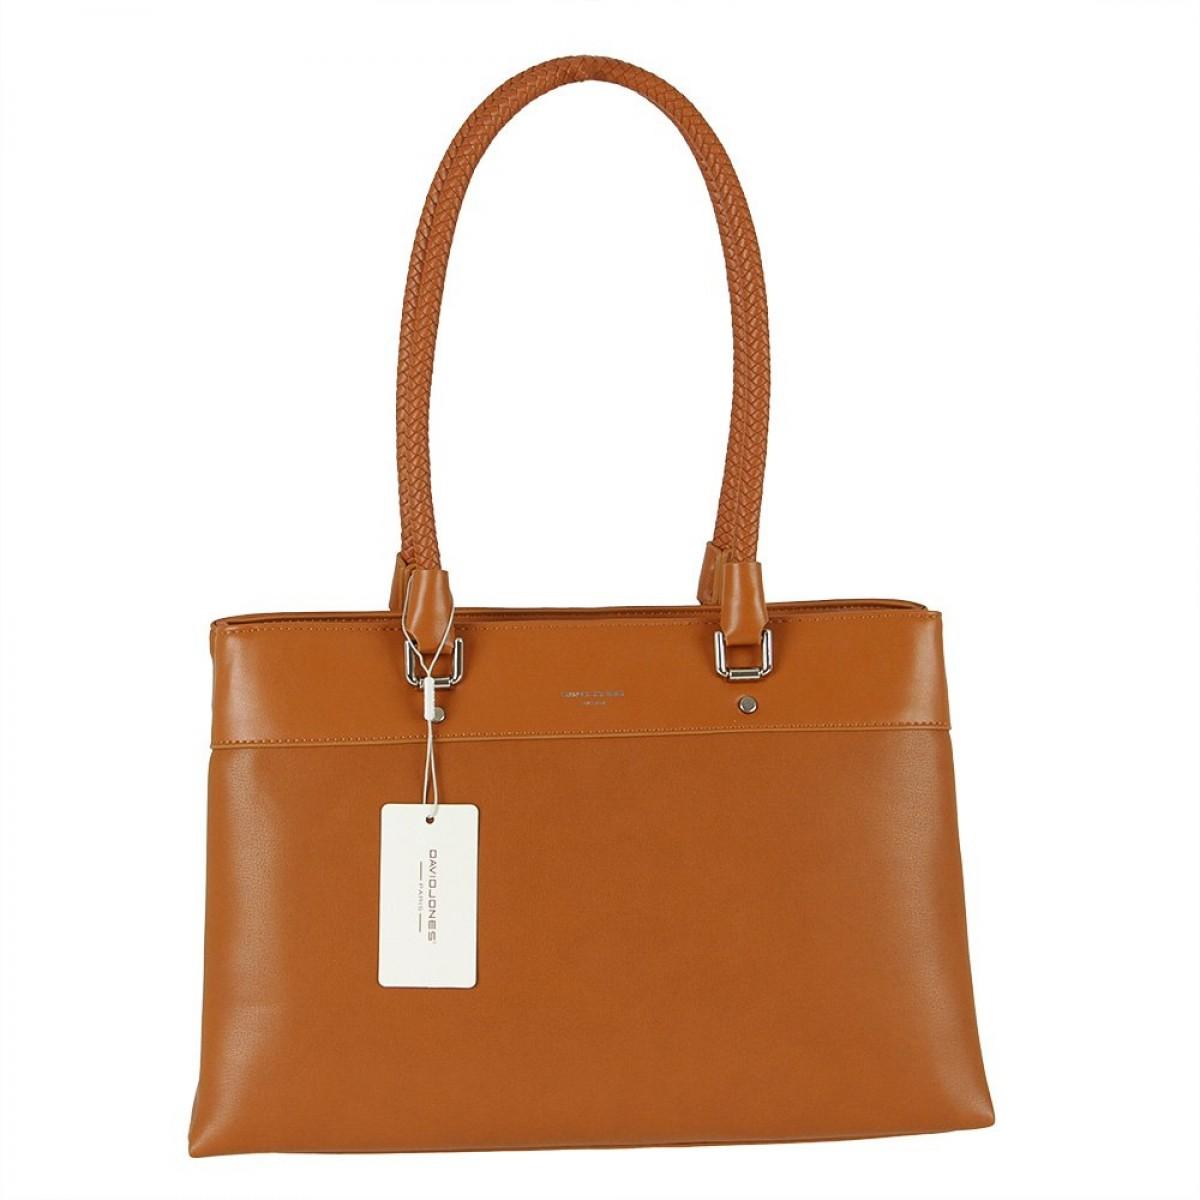 Жіноча сумка David Jones 6314-2 COGNAC